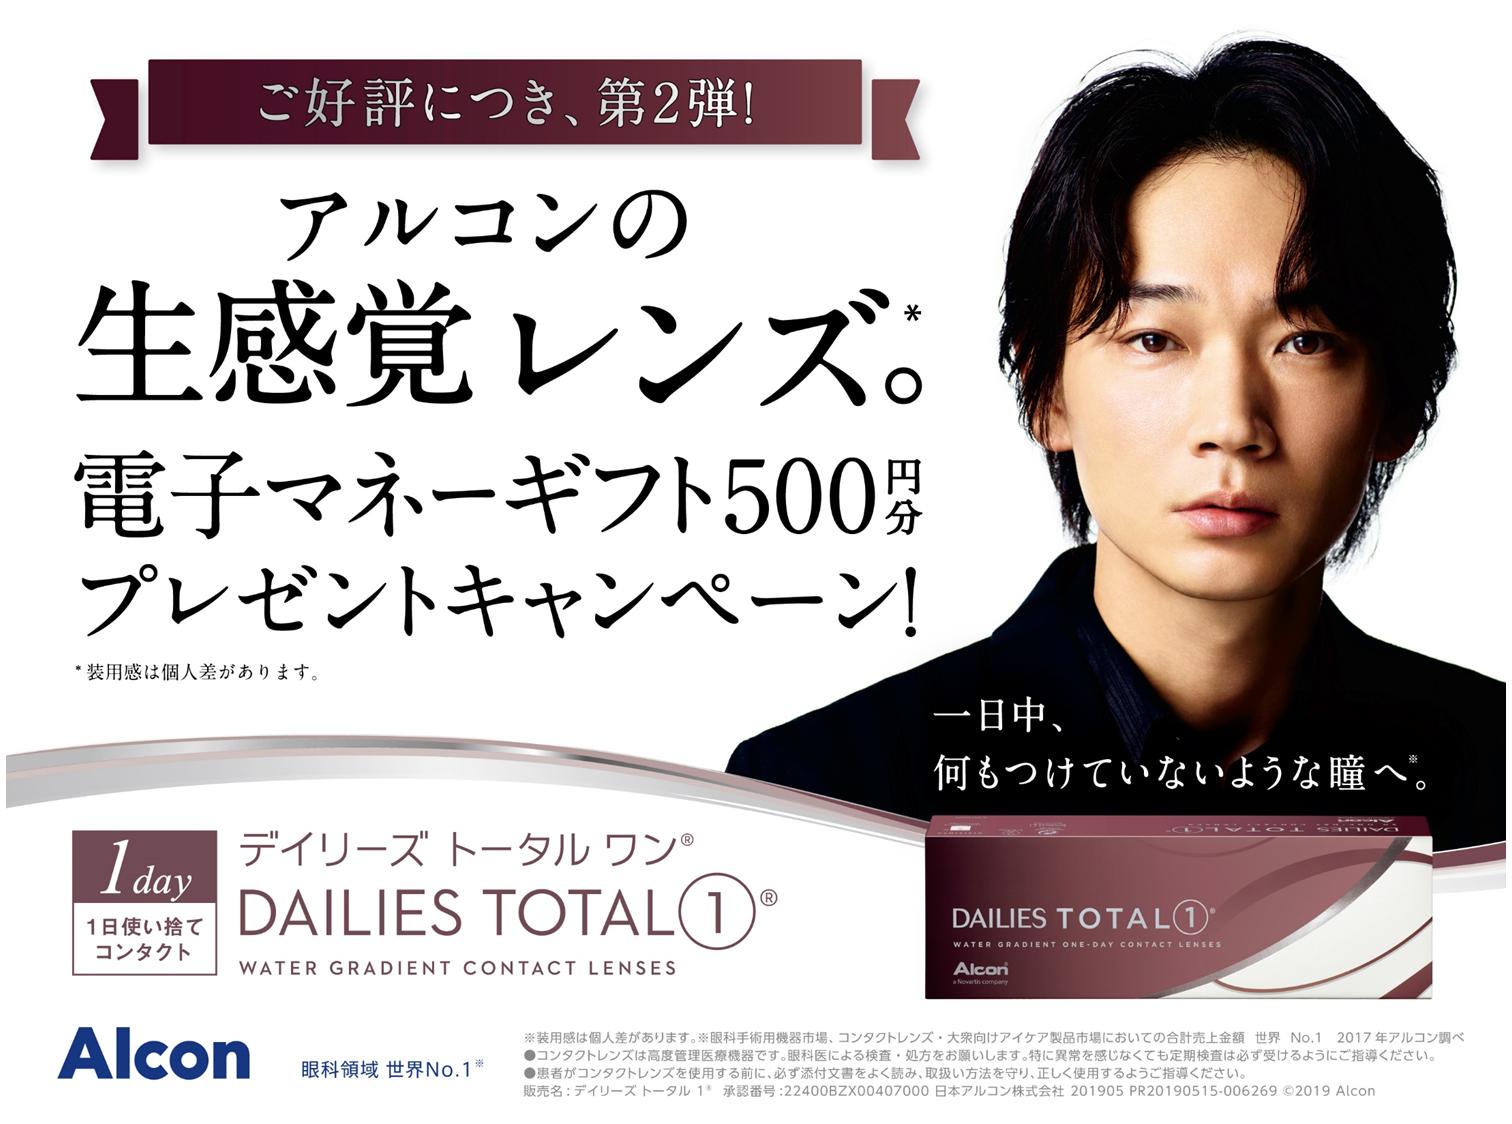 生感覚レンズ。電子マネー500円分プレゼントキャンペーン!